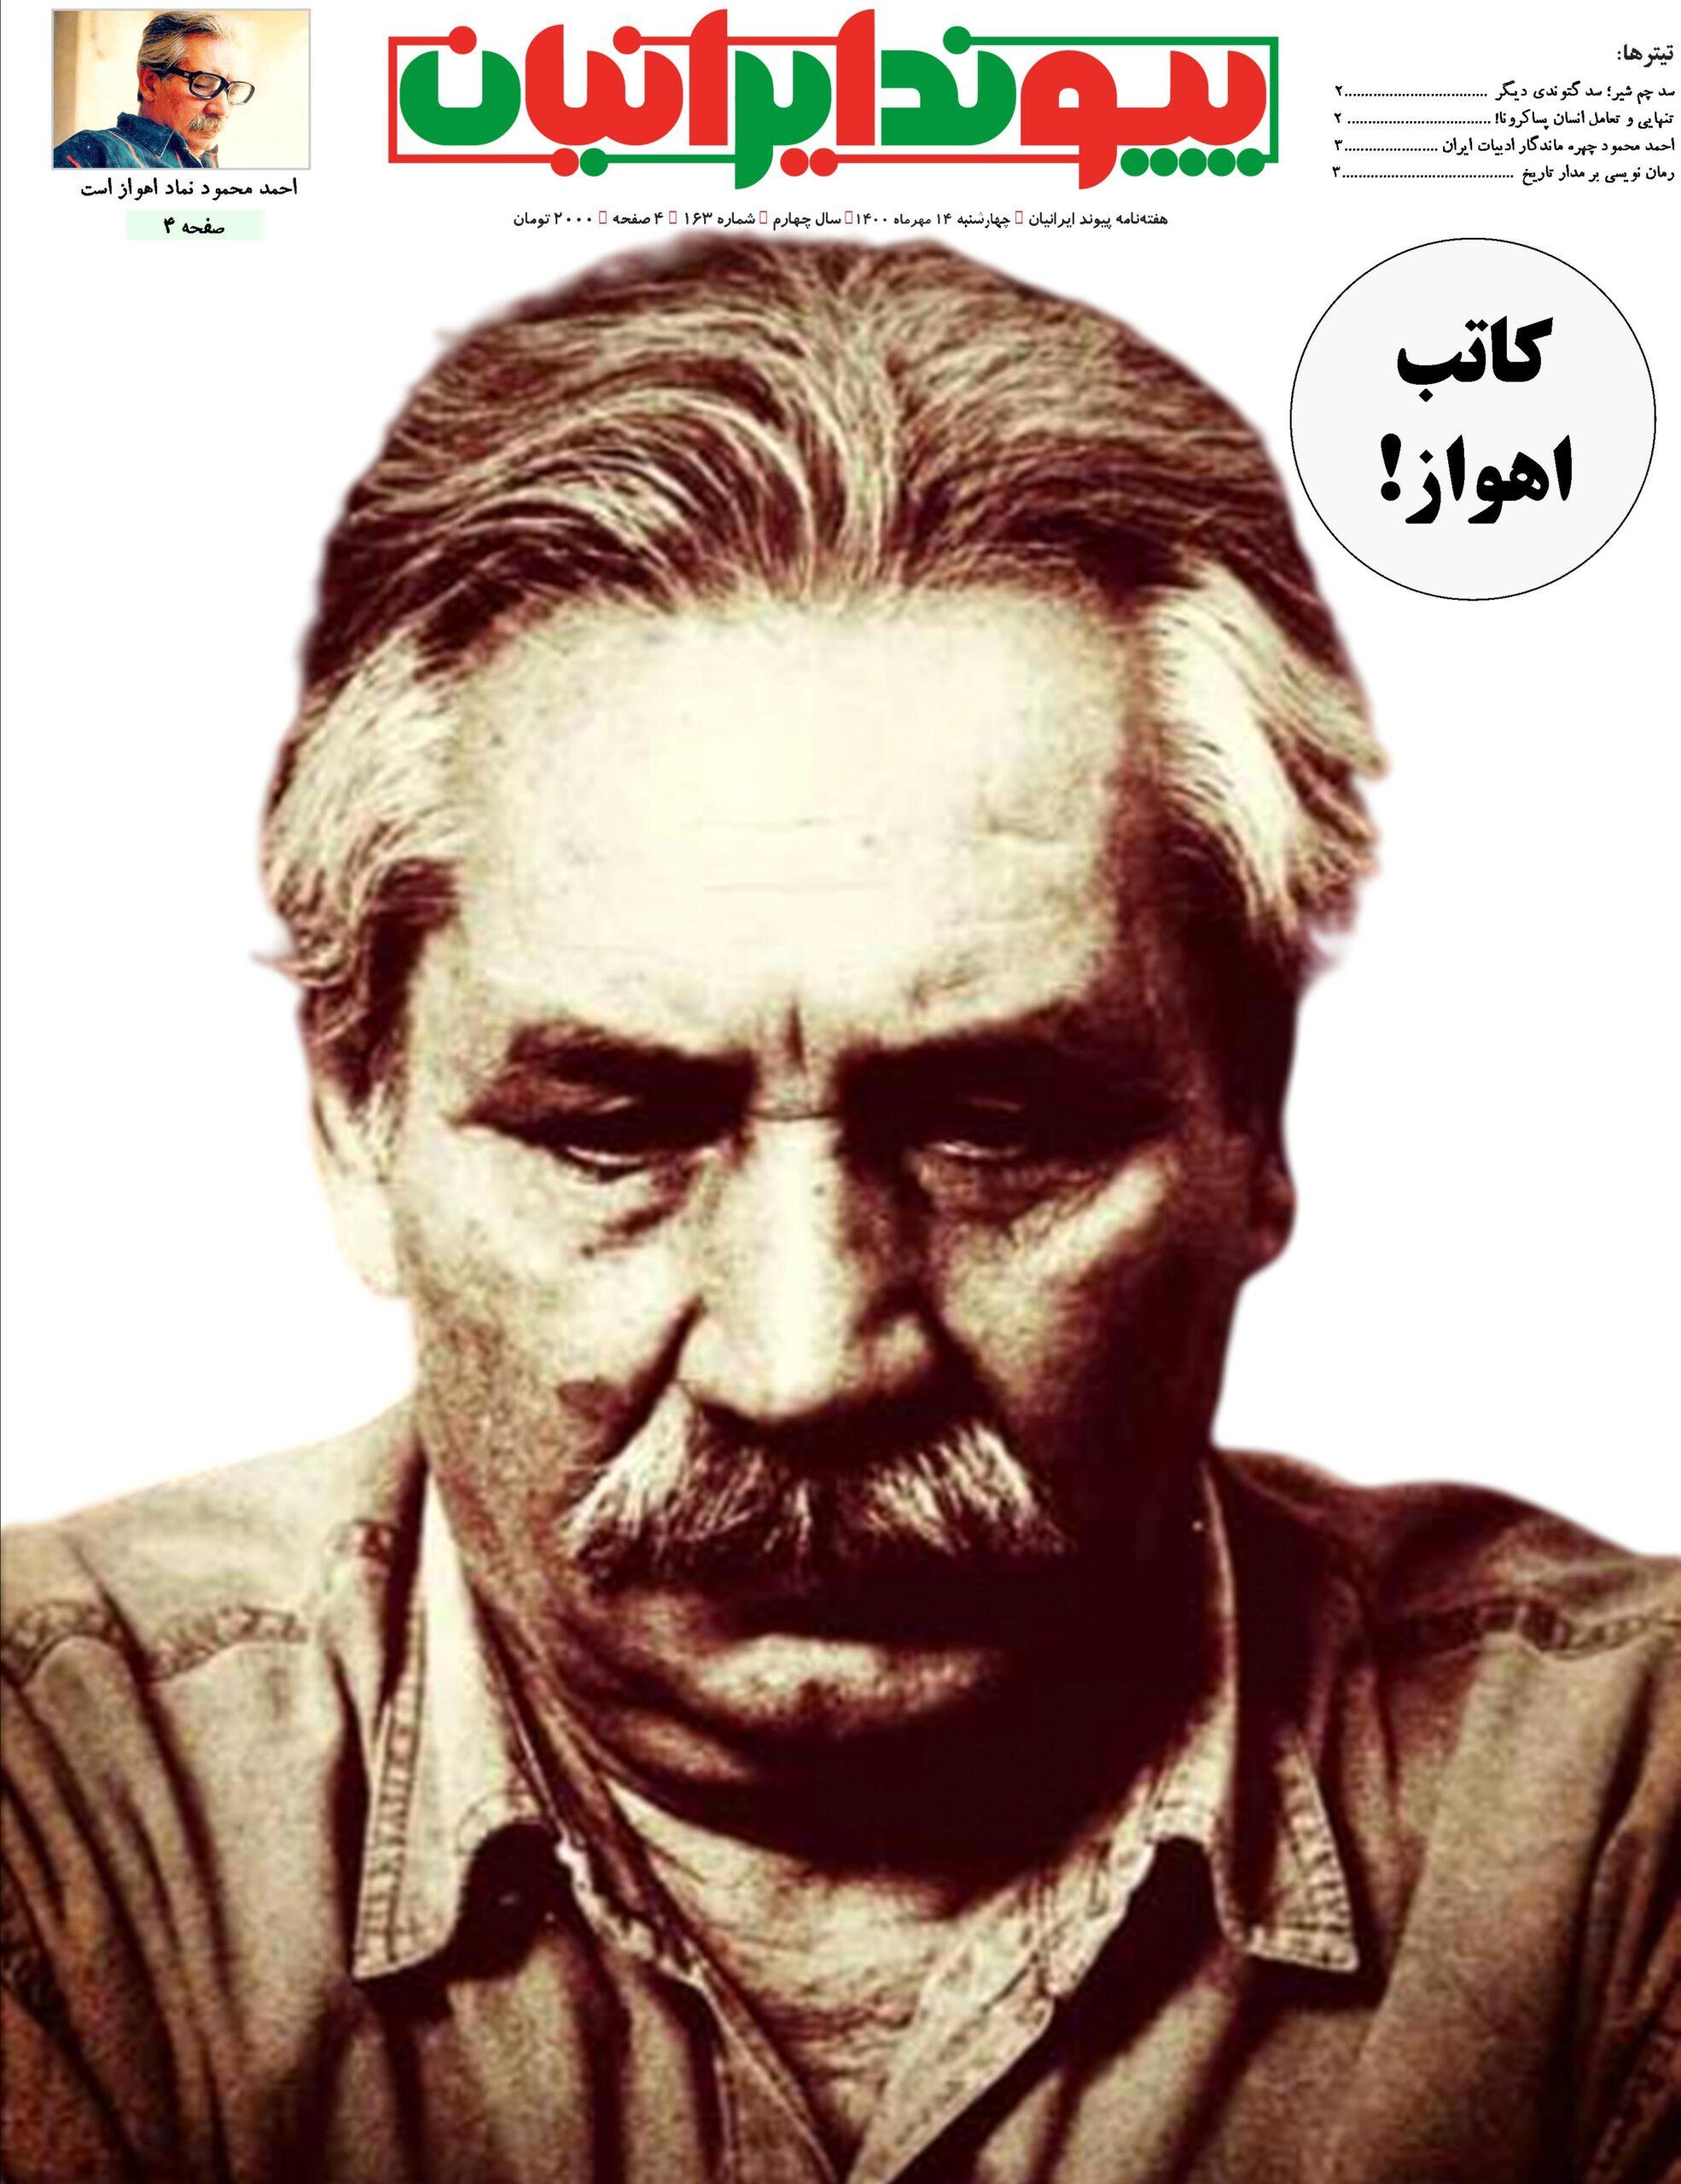 احمد محمود، نماد اهواز است